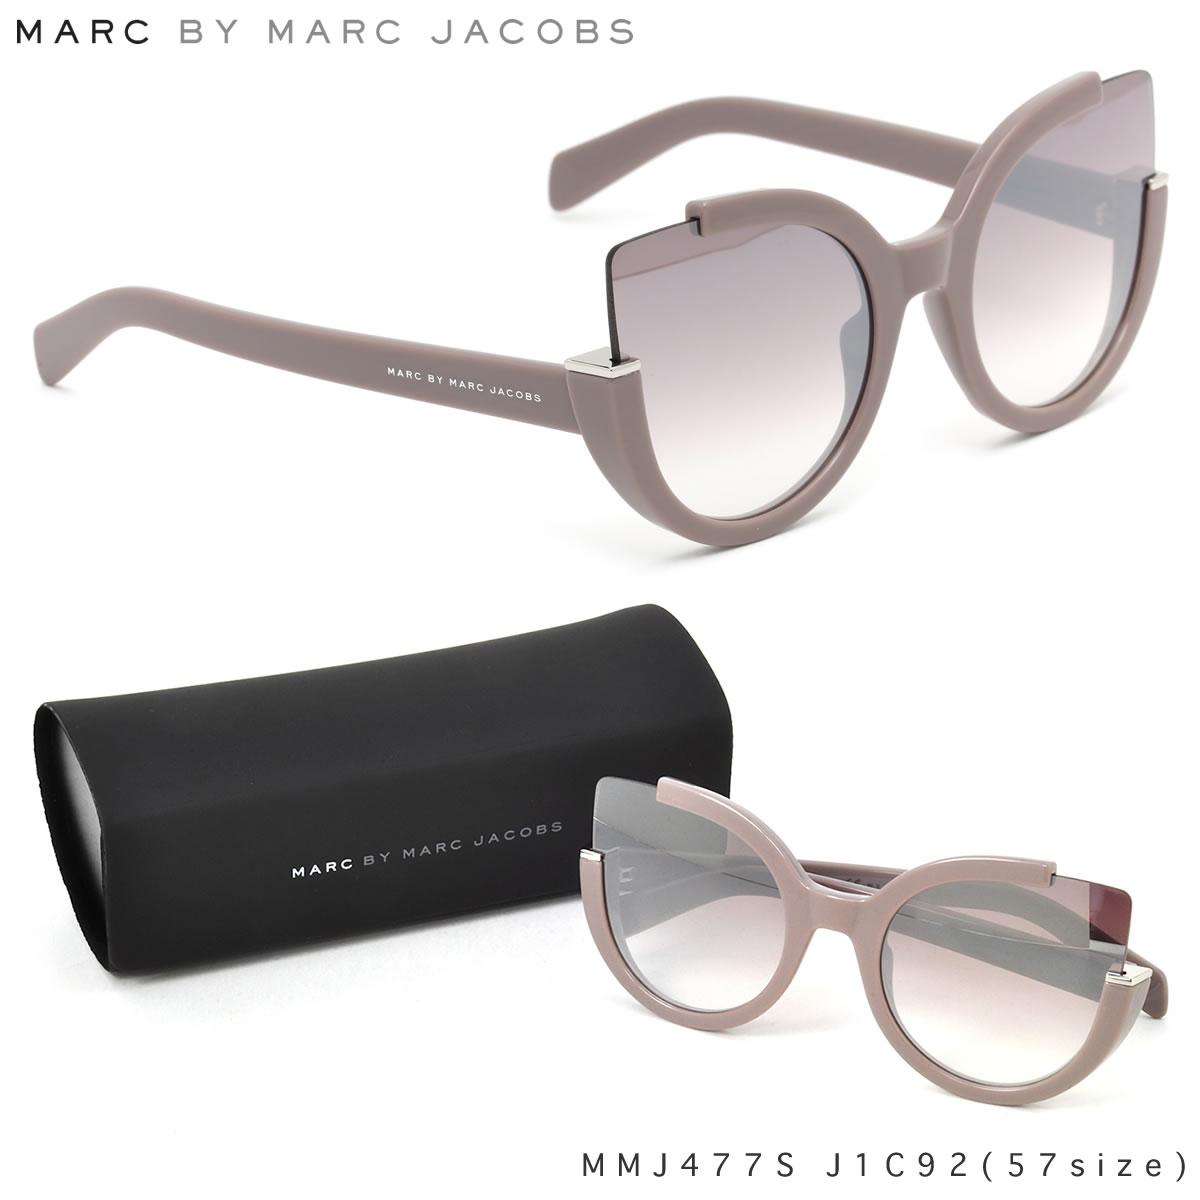 marc jacobs lunettes de soleil femme